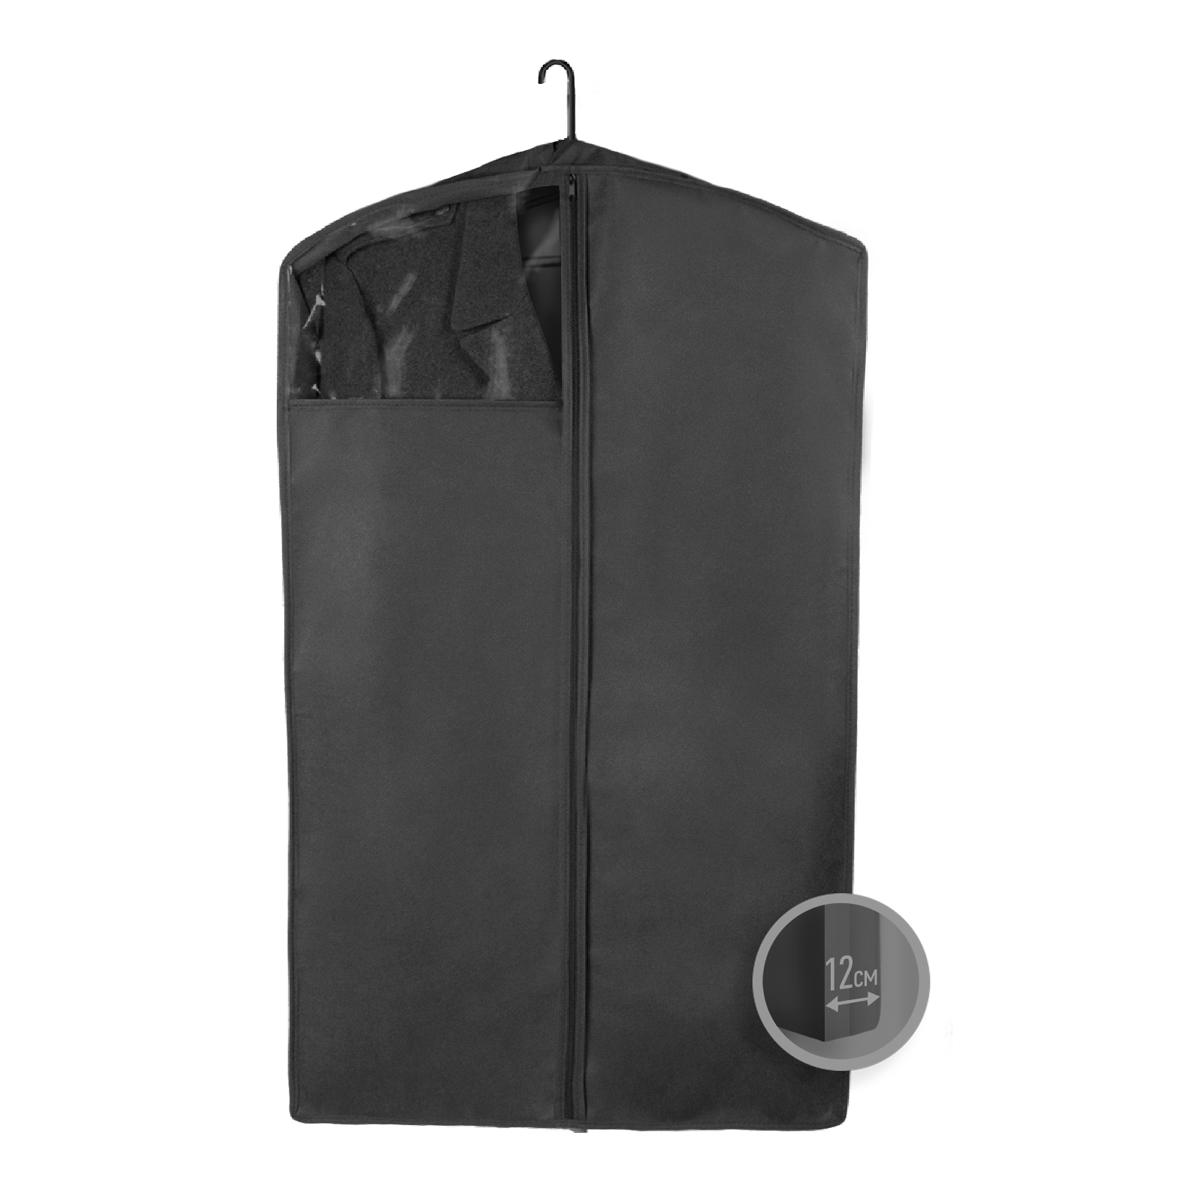 Чехол для верхней одежды Miolla, с окошком, цвет: черный, 100 х 60 х 12 смБрелок для ключейЧехол для верхней одежды Miolla на застежке-молнии выполнен из высококачественного нетканого материала. Прозрачное полиэтиленовое окошко позволяет видеть содержимое чехла. Подходит для длительного хранения вещей.Чехол обеспечивает вашей одежде надежную защиту от влажности, повреждений и грязи при транспортировке, от запыления при хранении и проникновения моли. Чехол обладает водоотталкивающими свойствами, а также позволяет воздуху свободно поступать внутрь вещей, обеспечивая их кондиционирование. Это особенно важно при хранении кожаных и меховых изделий.Размер чехла: 100 х 60 х 12 см.